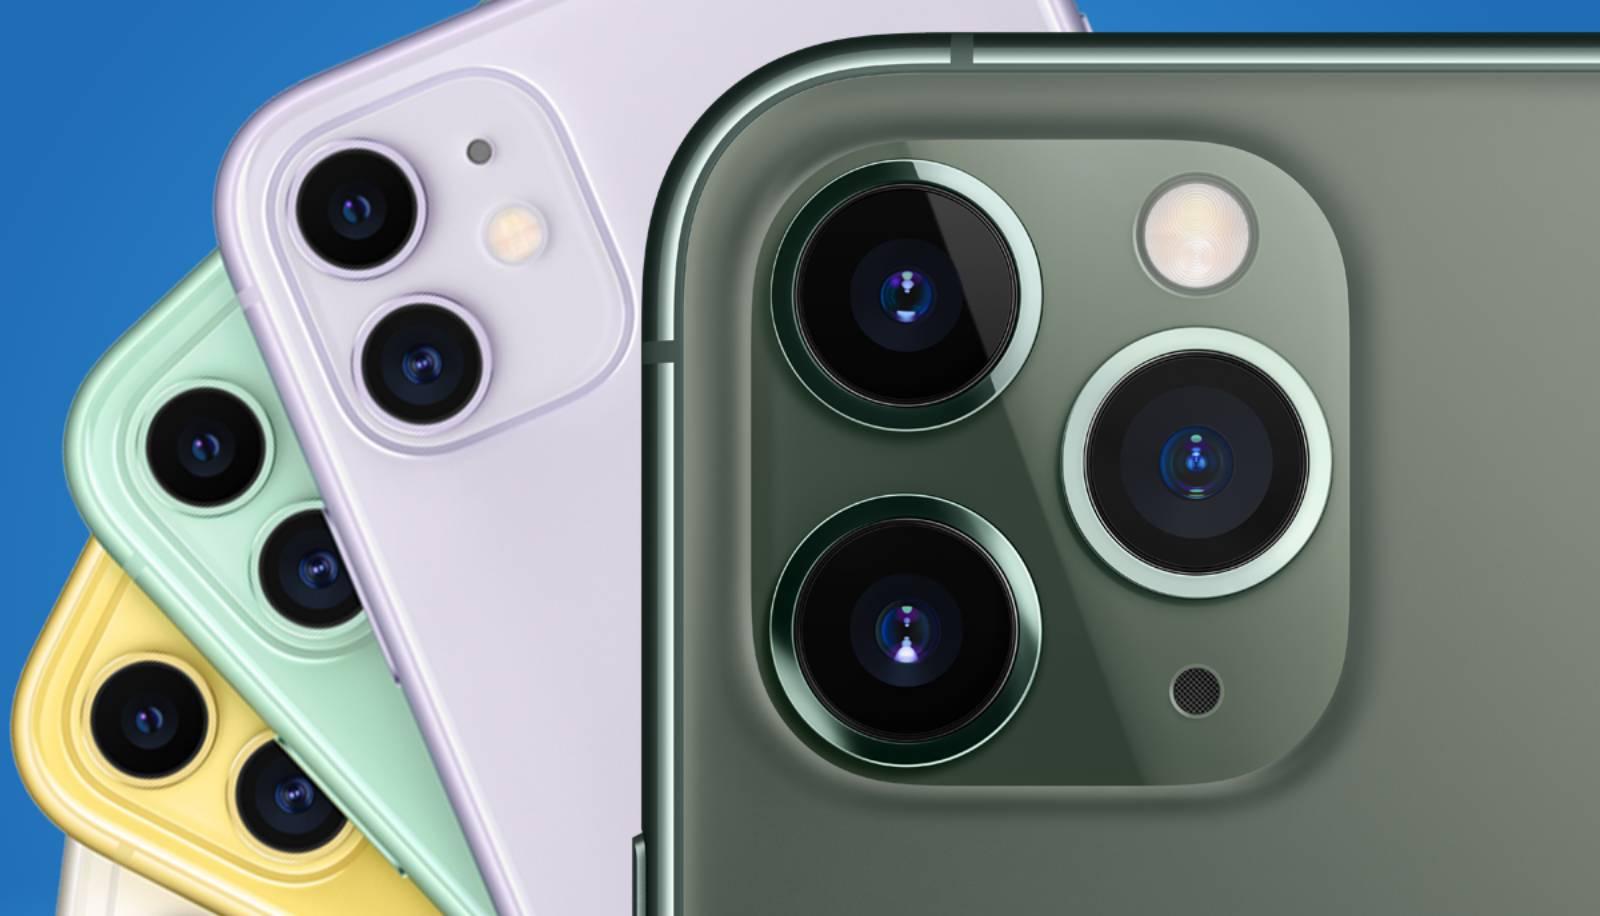 iPhone 11 este cu MULT mai Ieftin decat iPhone 11 Pro, si e o PROBLEMA pentru Apple